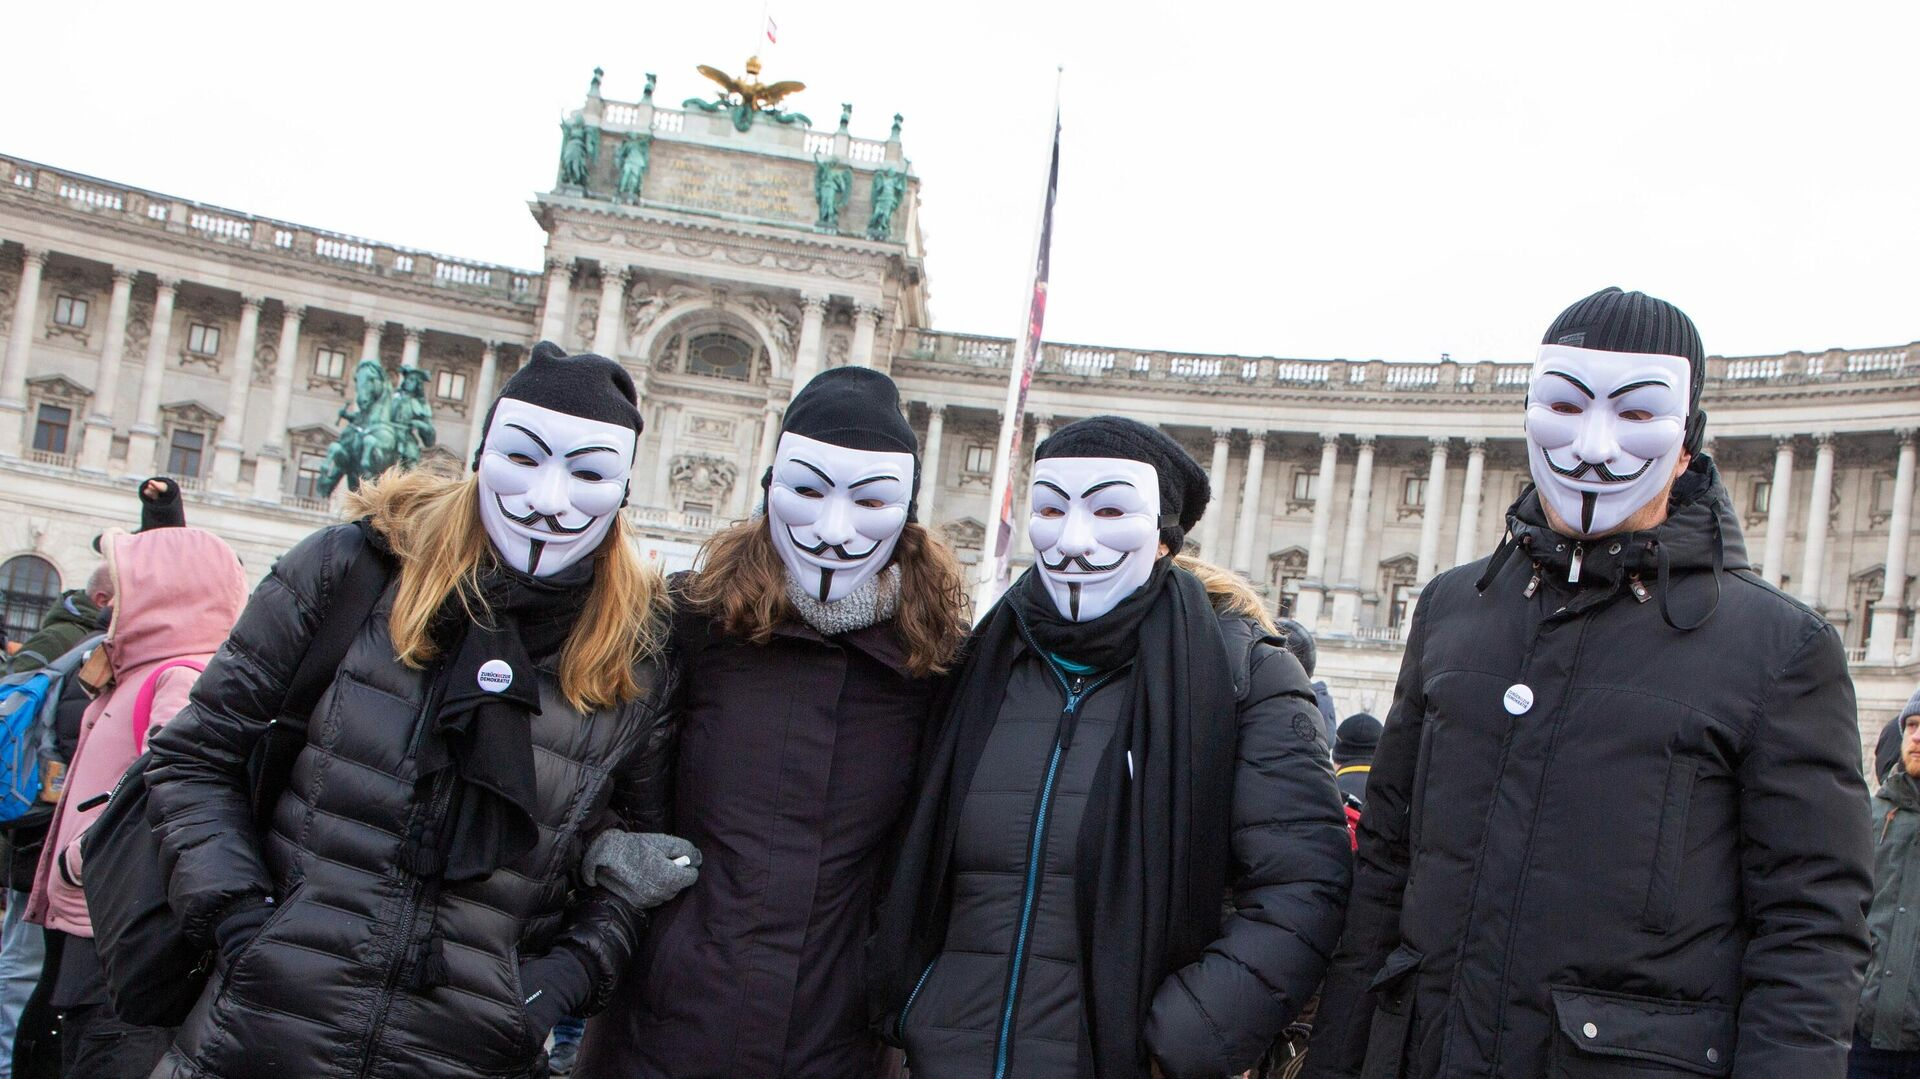 Teilnehmer der Proteste gegen Corona-Einschränkungen in Wien, 16. Januar 2021 - SNA, 1920, 20.03.2021